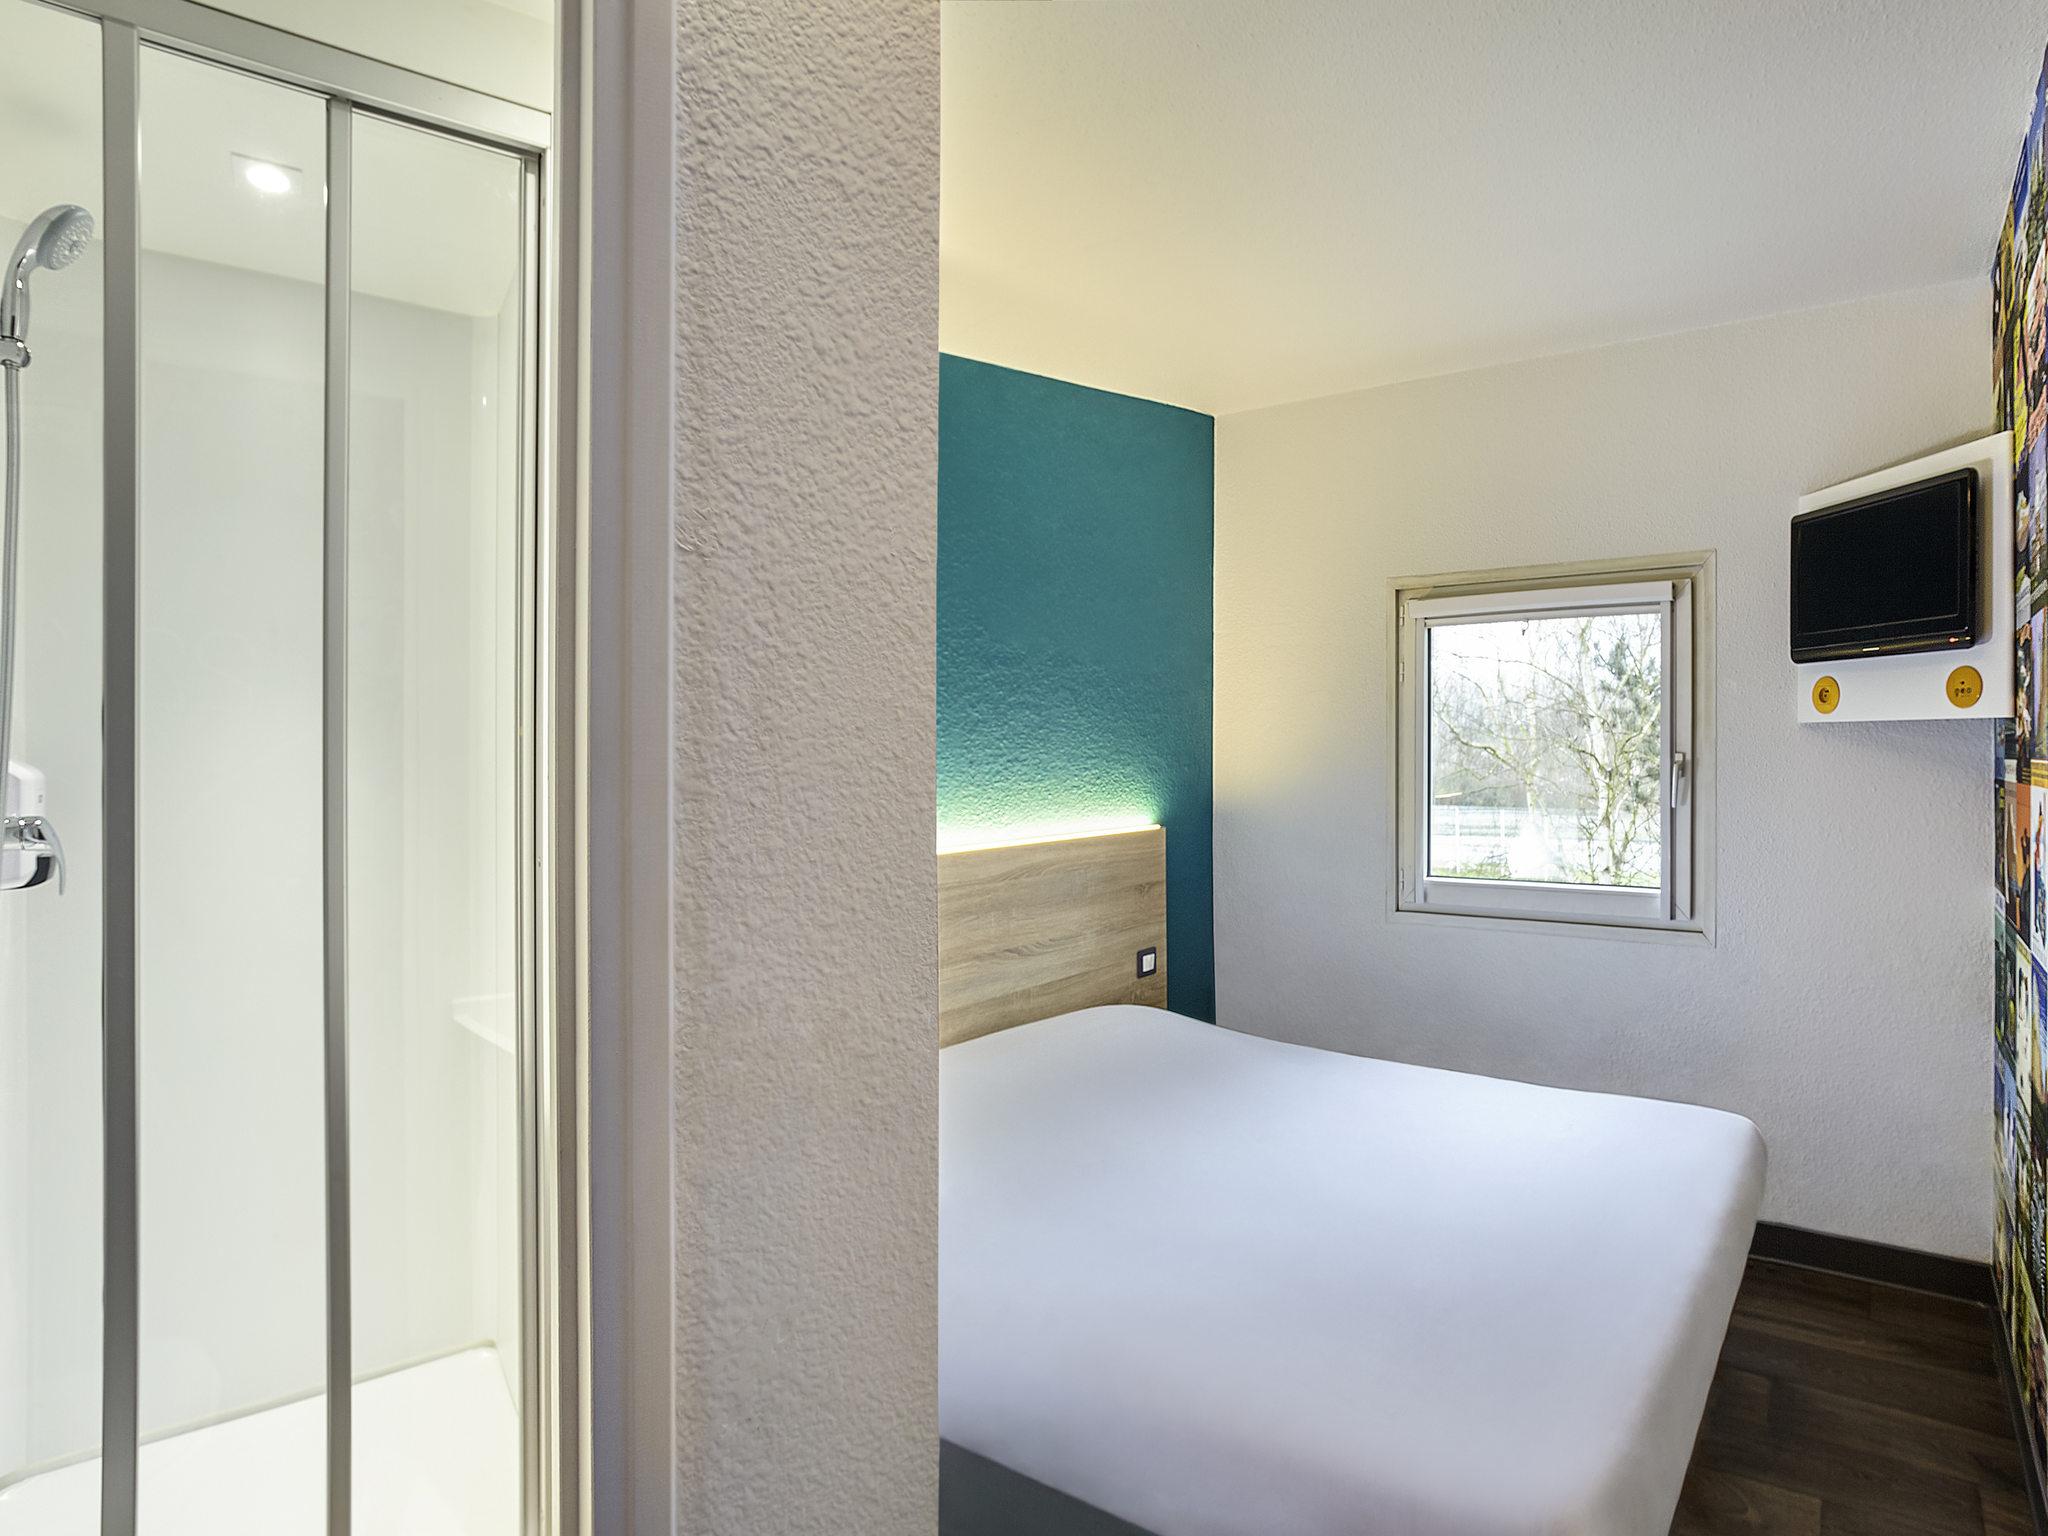 فندق - hotelF1 Paris Porte de Montreuil